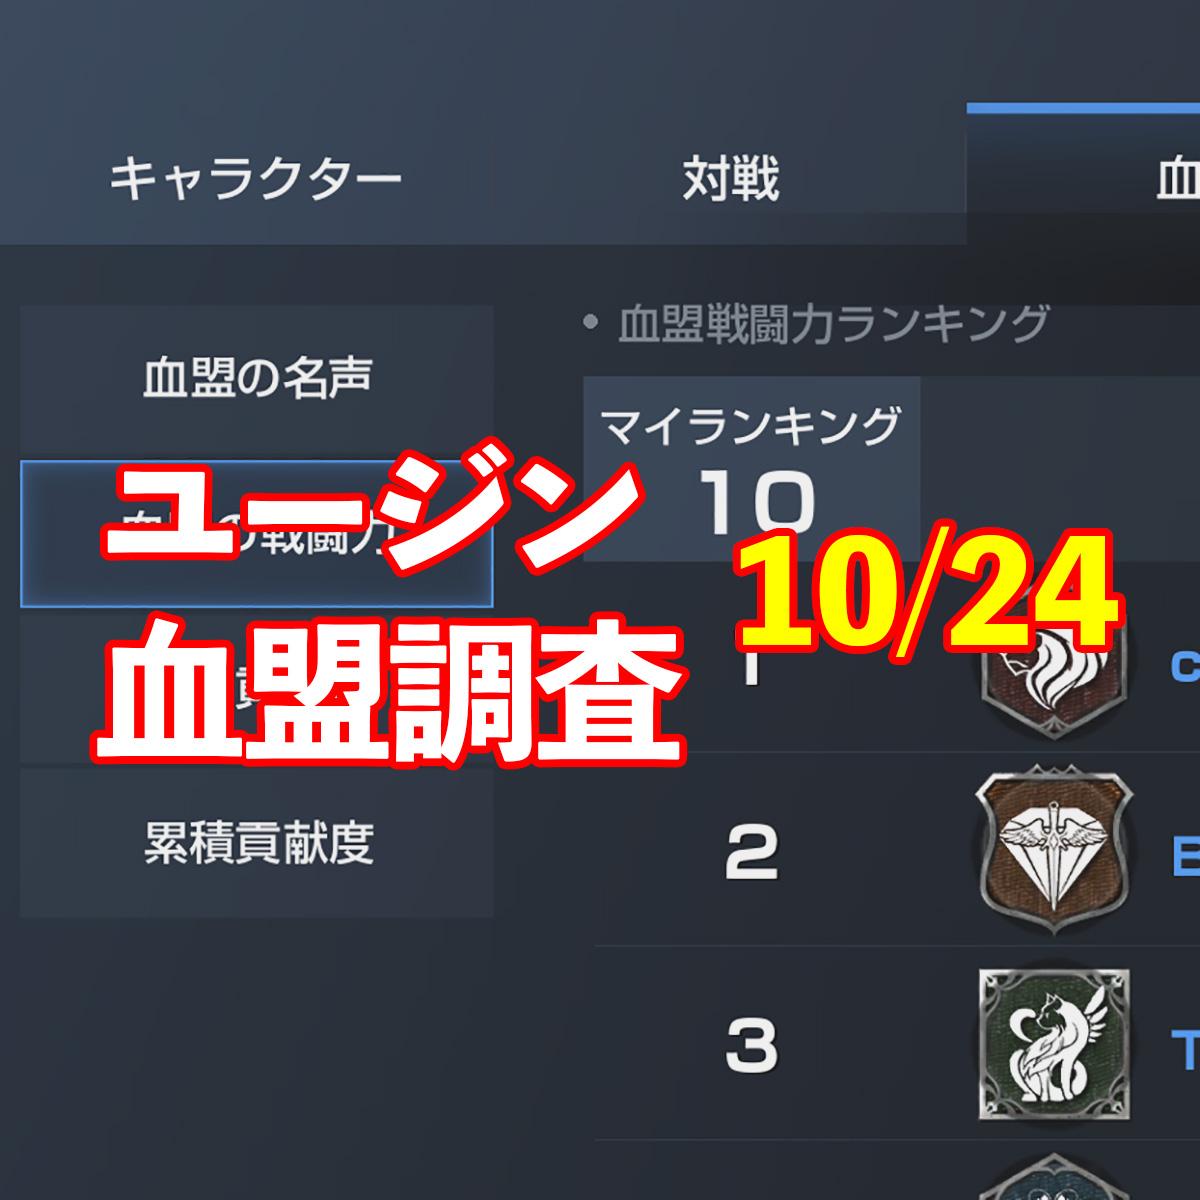 10/24ユージン情報 血盟フェスティバルによりアクティブ増!